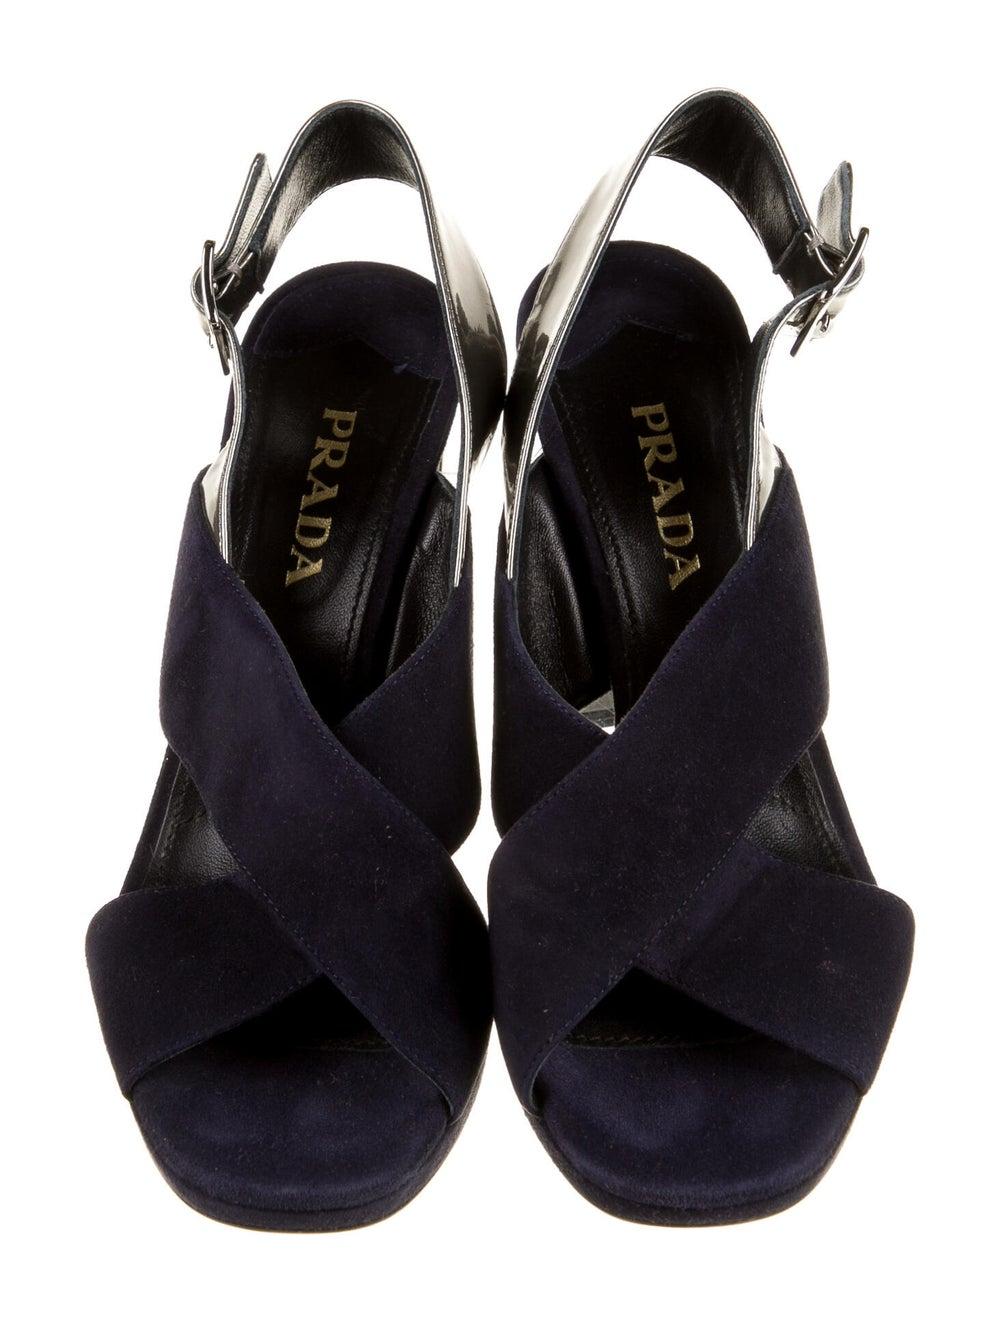 Prada Suede Slingback Sandals Blue - image 3